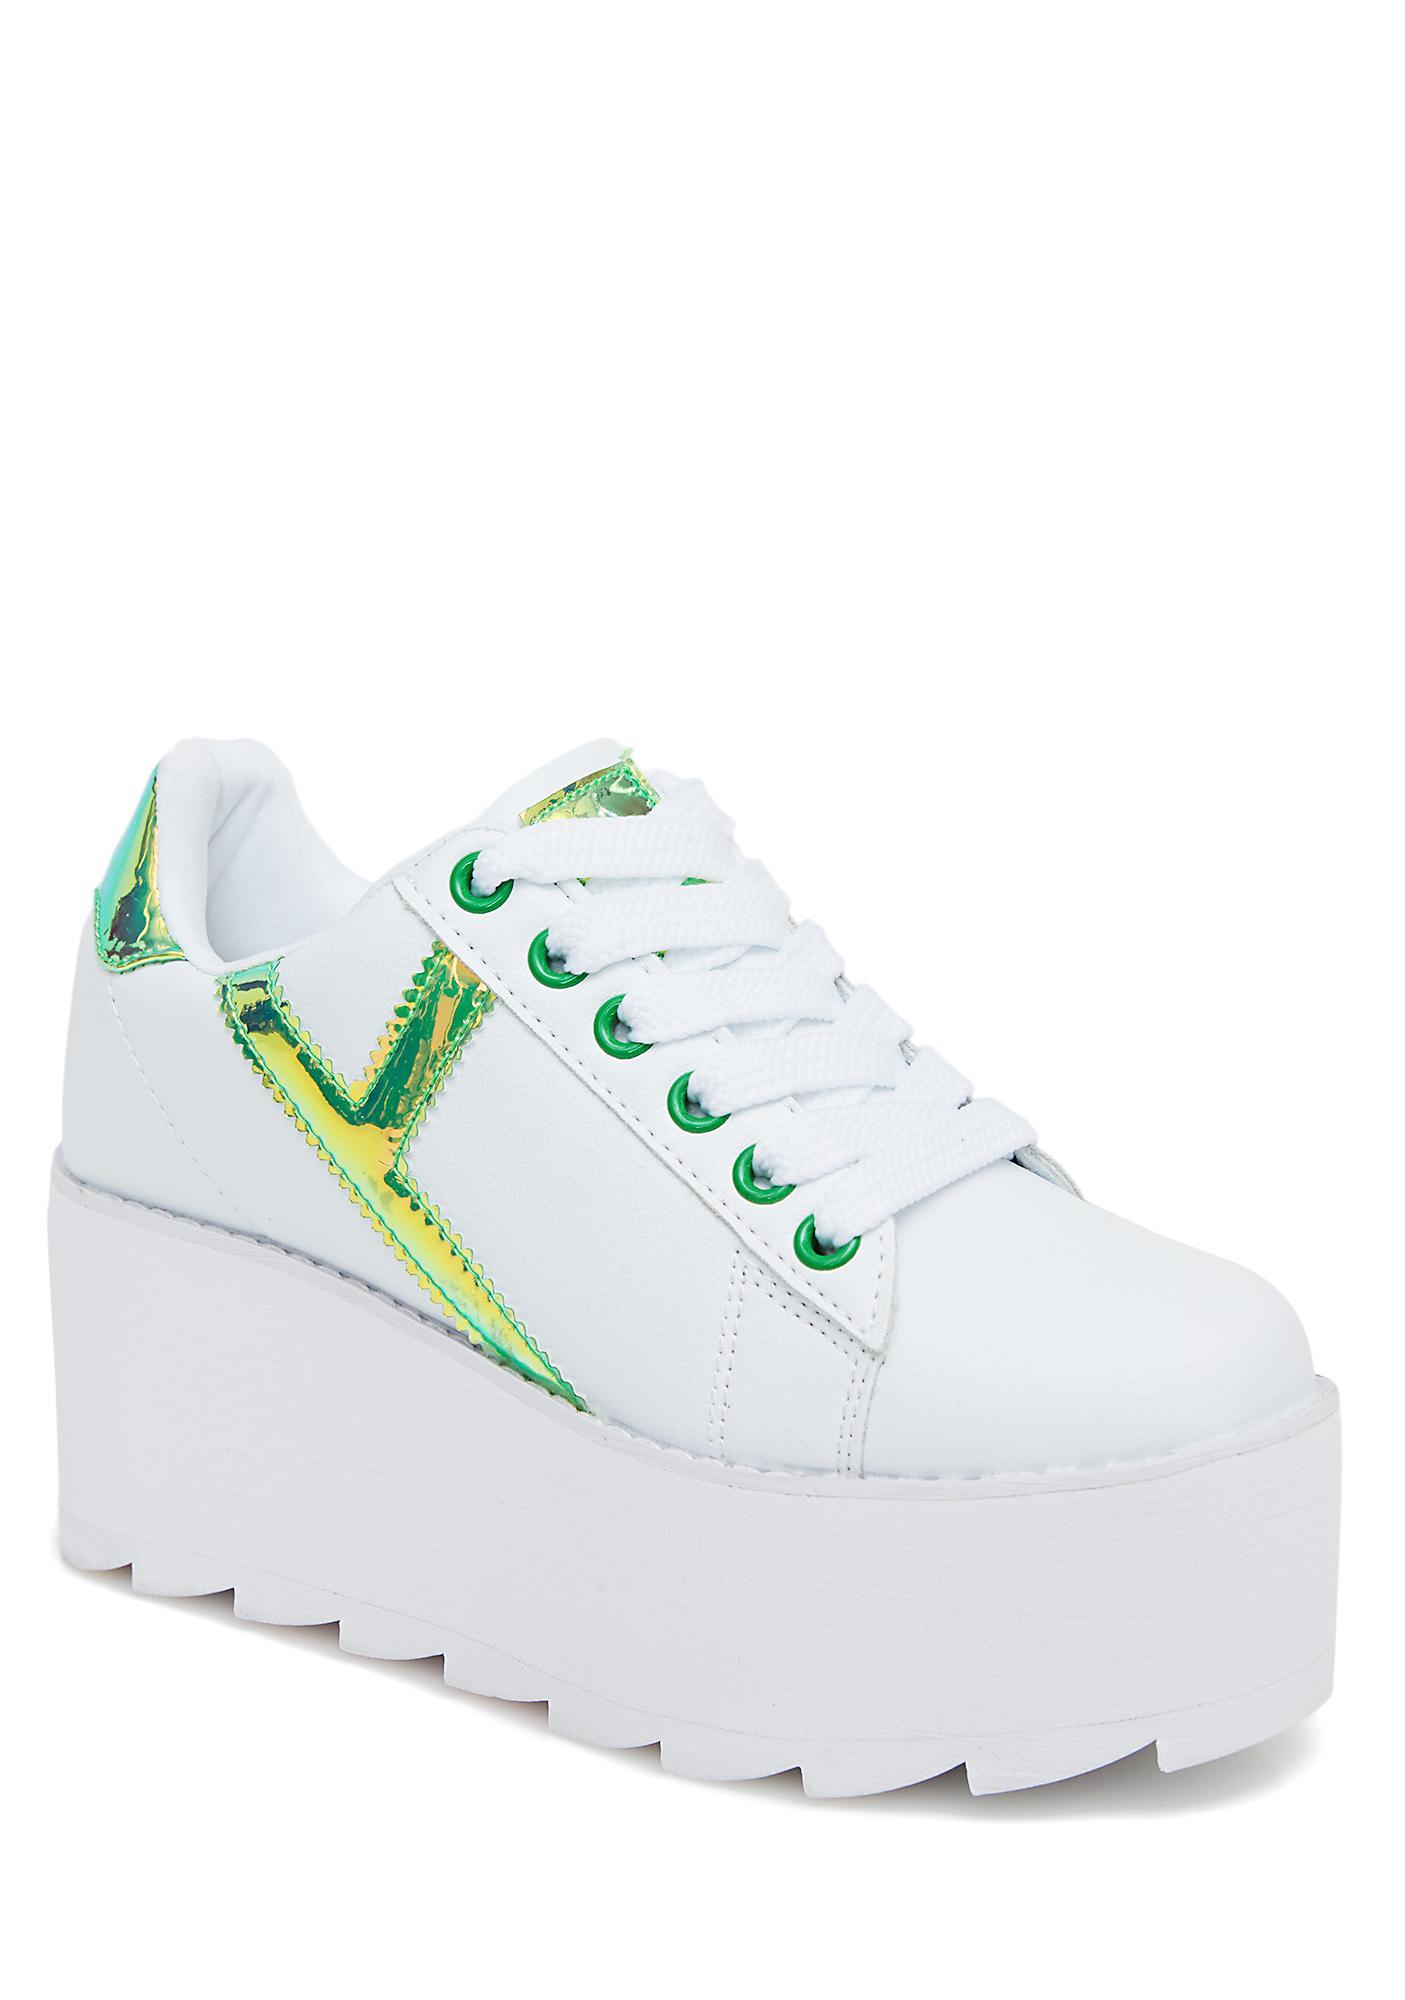 Y.R.U. Kermit Lala Strype Platform Sneakers